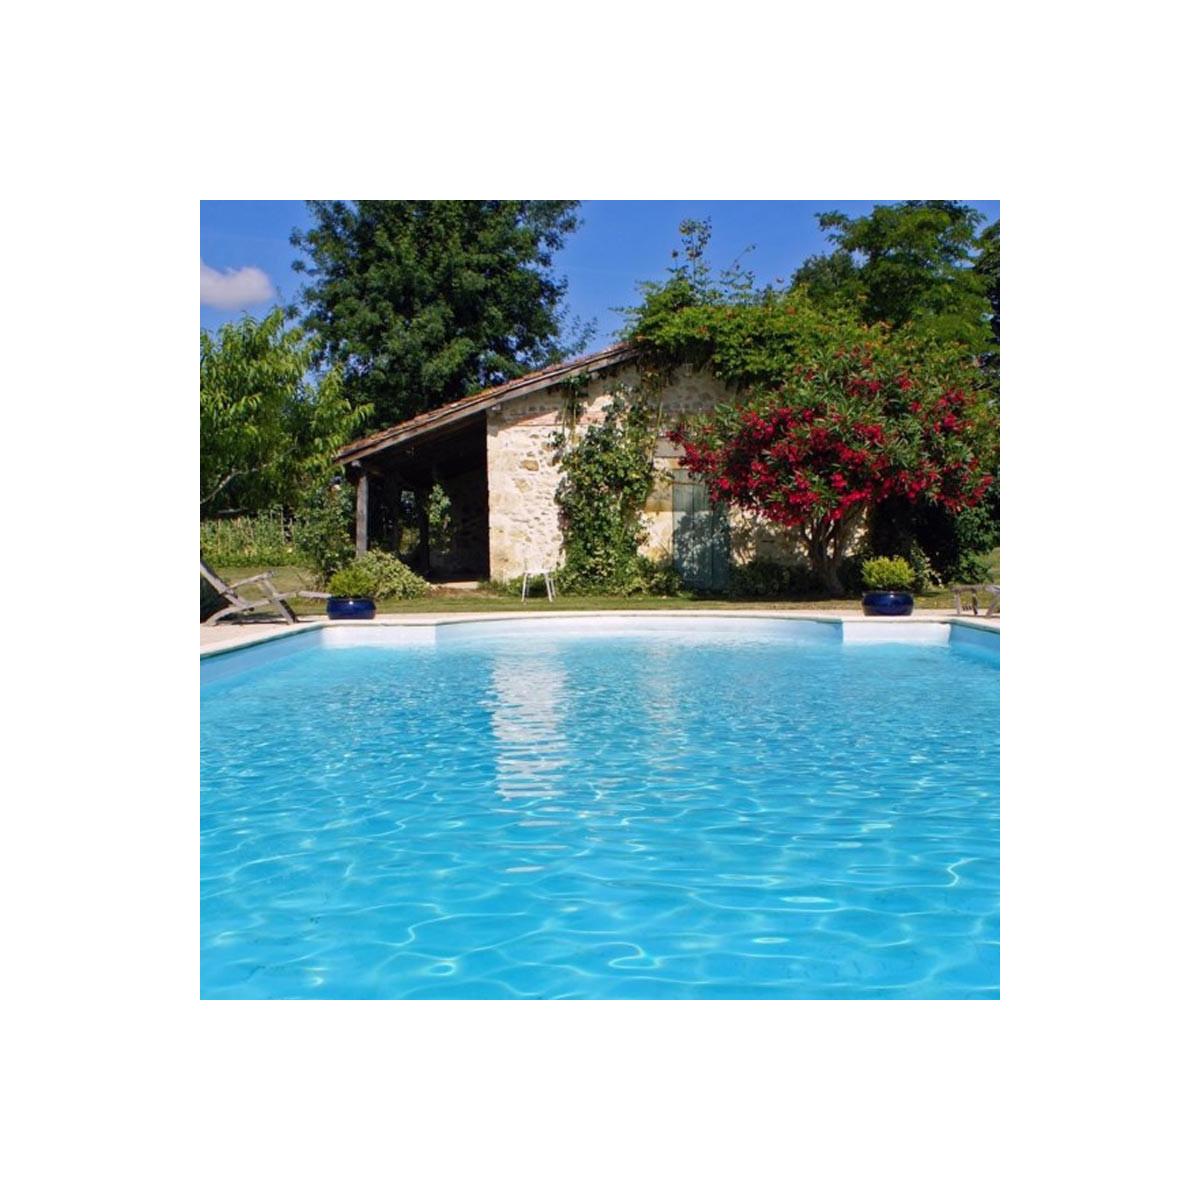 peinture protection piscine beton ciment d u00e9coration bassin